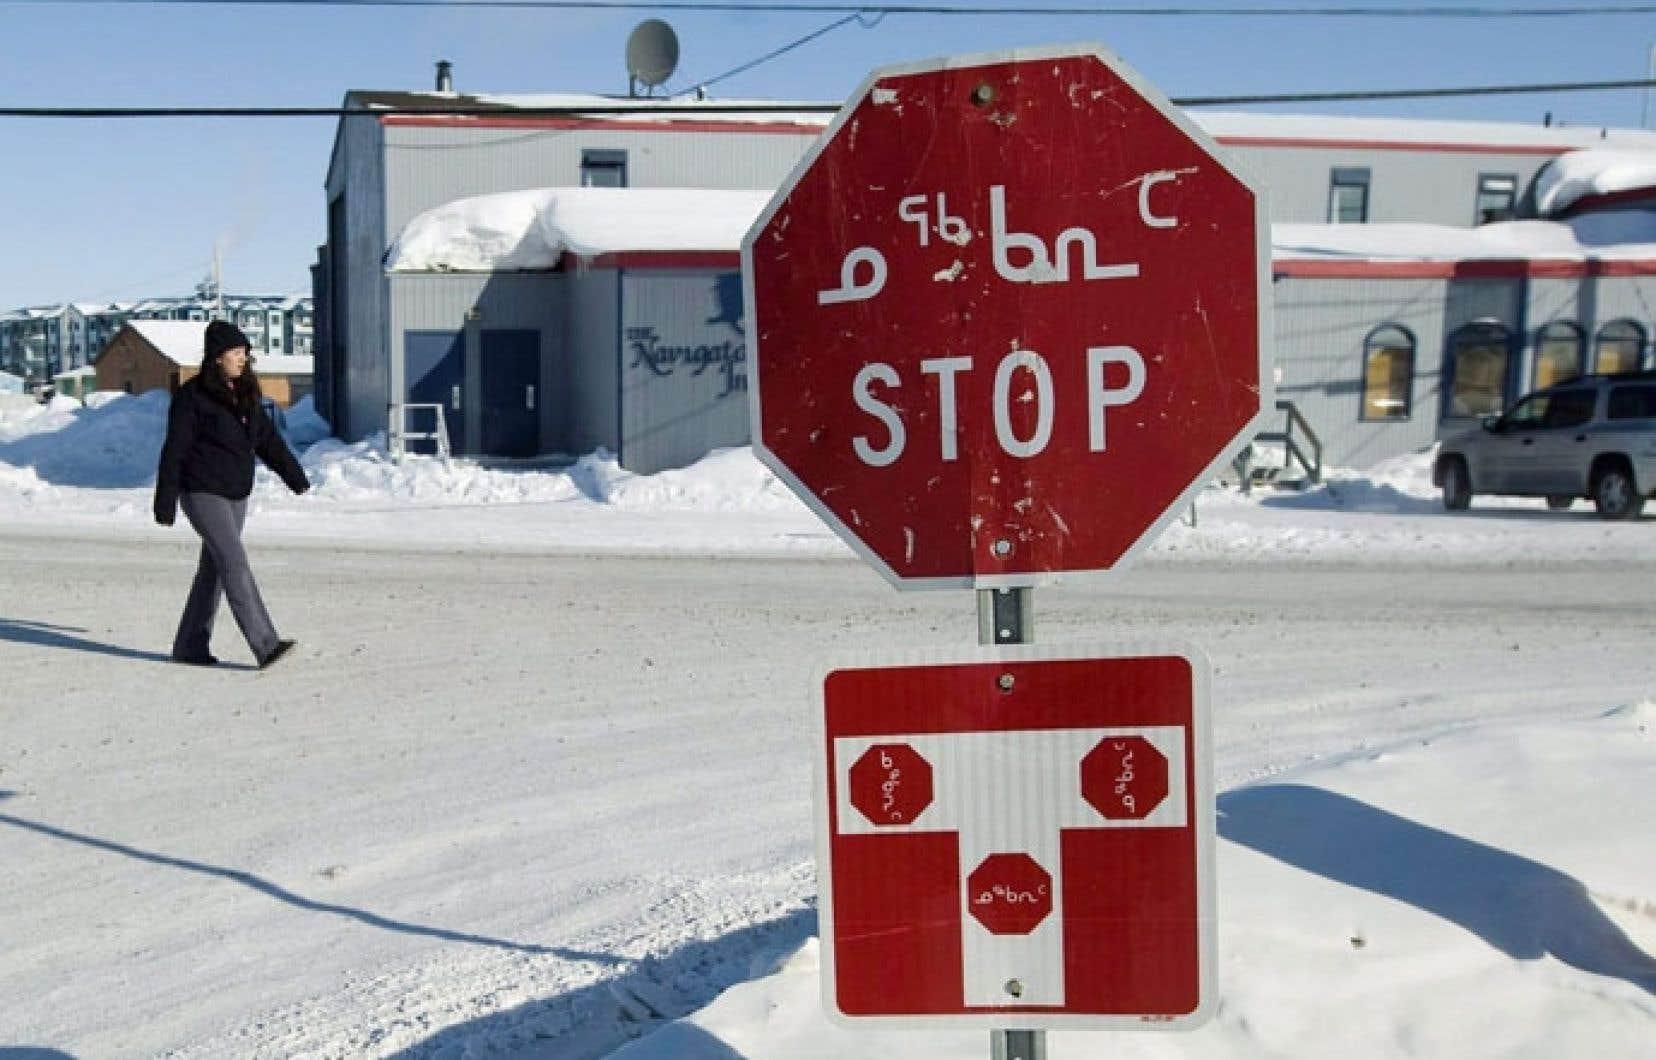 Un signal d'arrêt en anglais et inuktitut à Iqaluit, au Nunavut. Les langues autochtones sont en déclin au Canada.